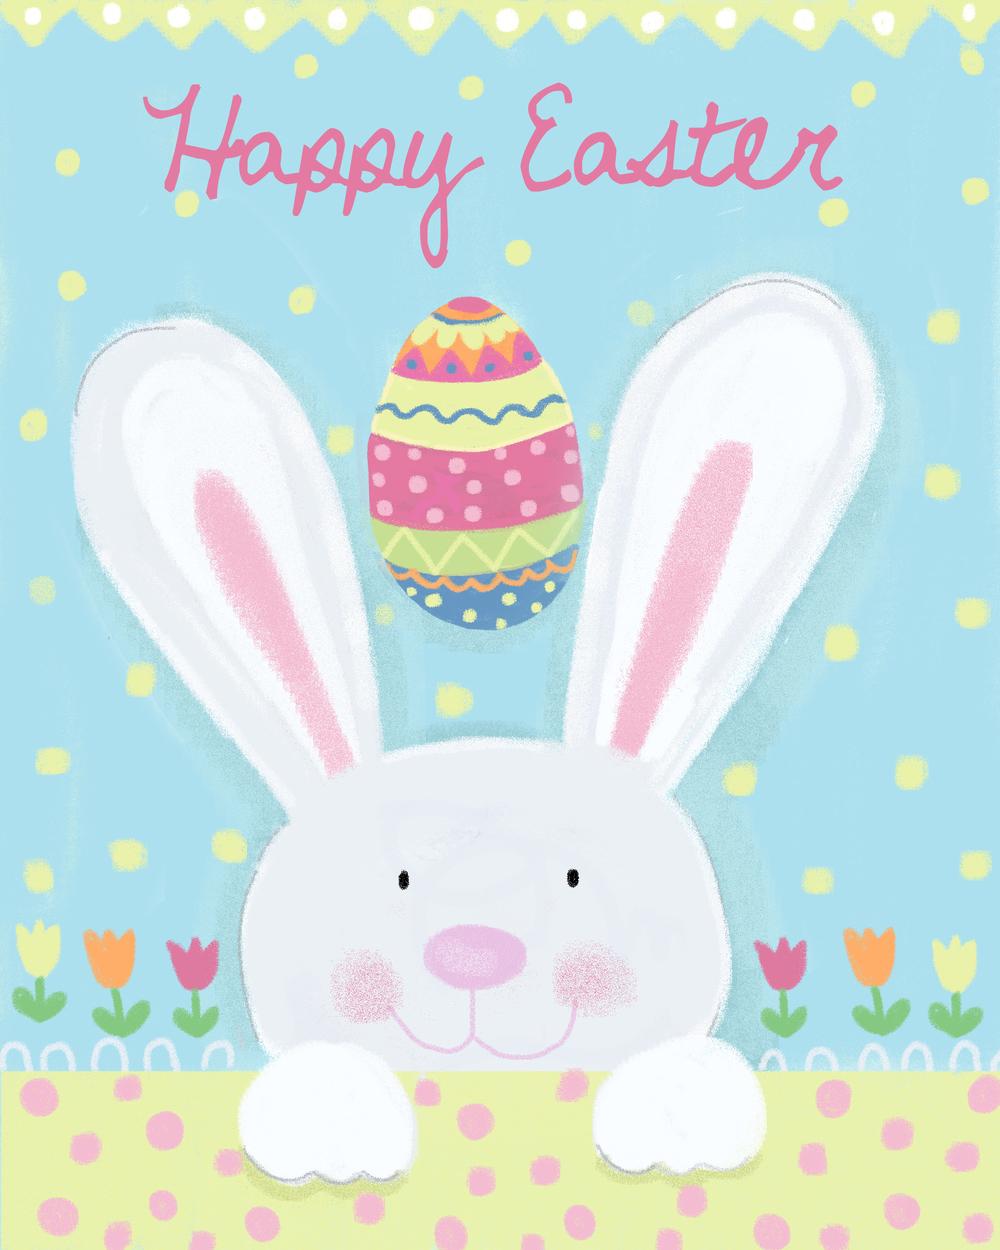 Zam_flag_Easter__05.jpg